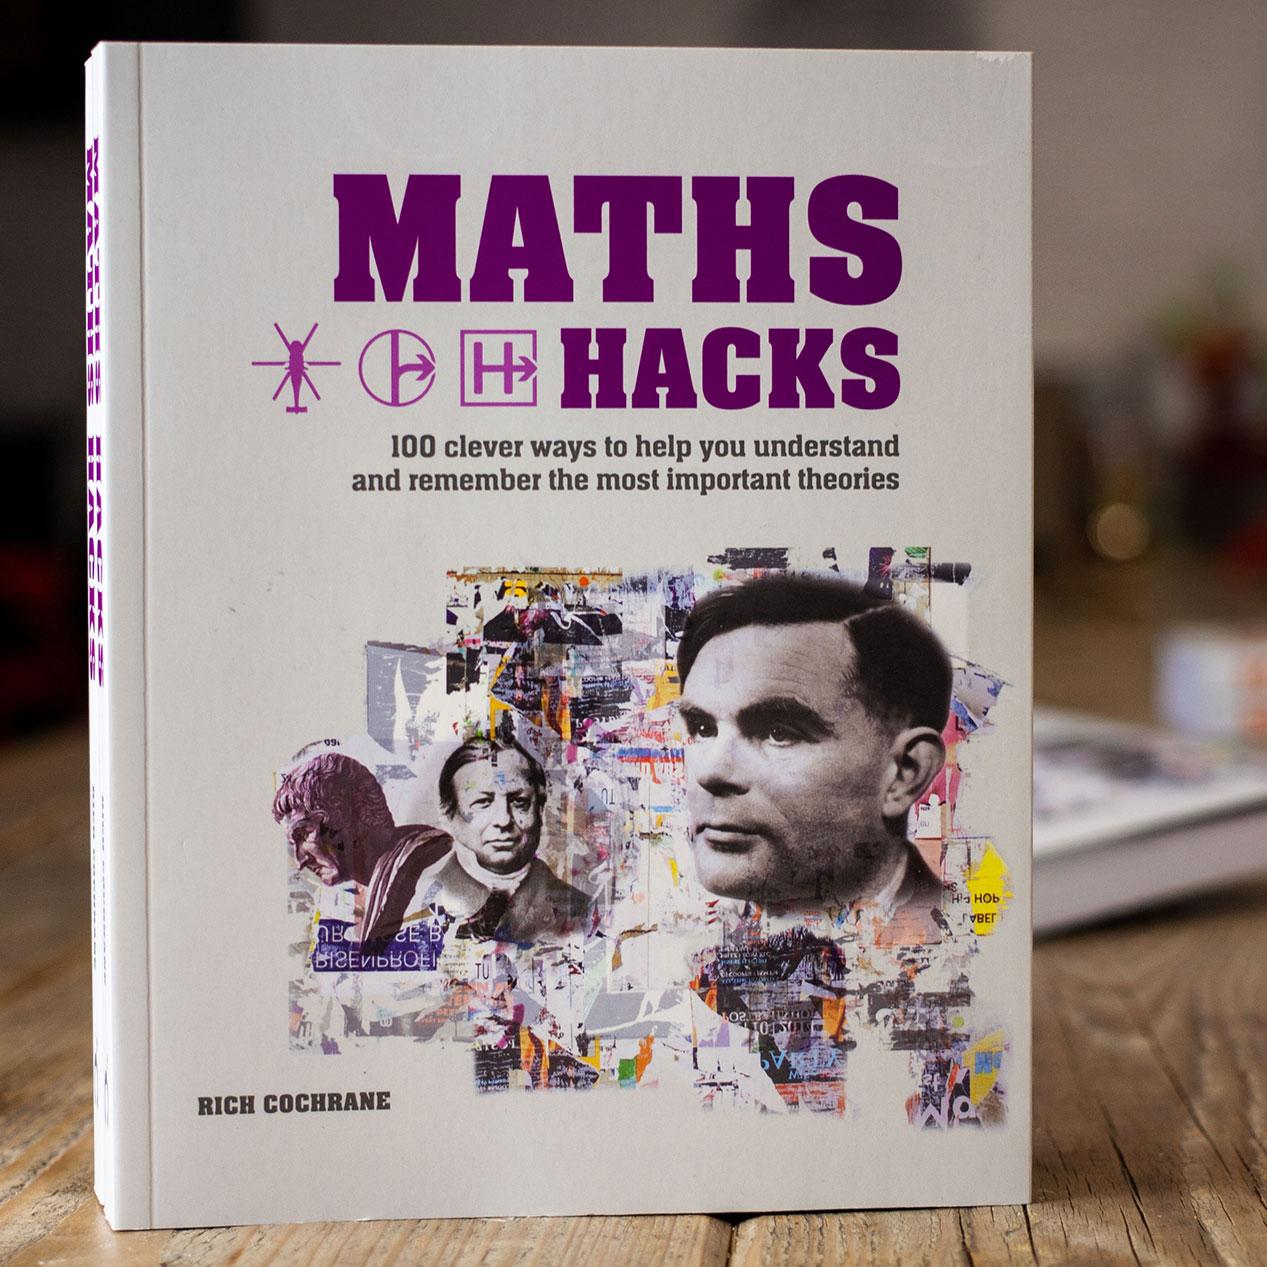 Maths_Hacks_Cover_Sq